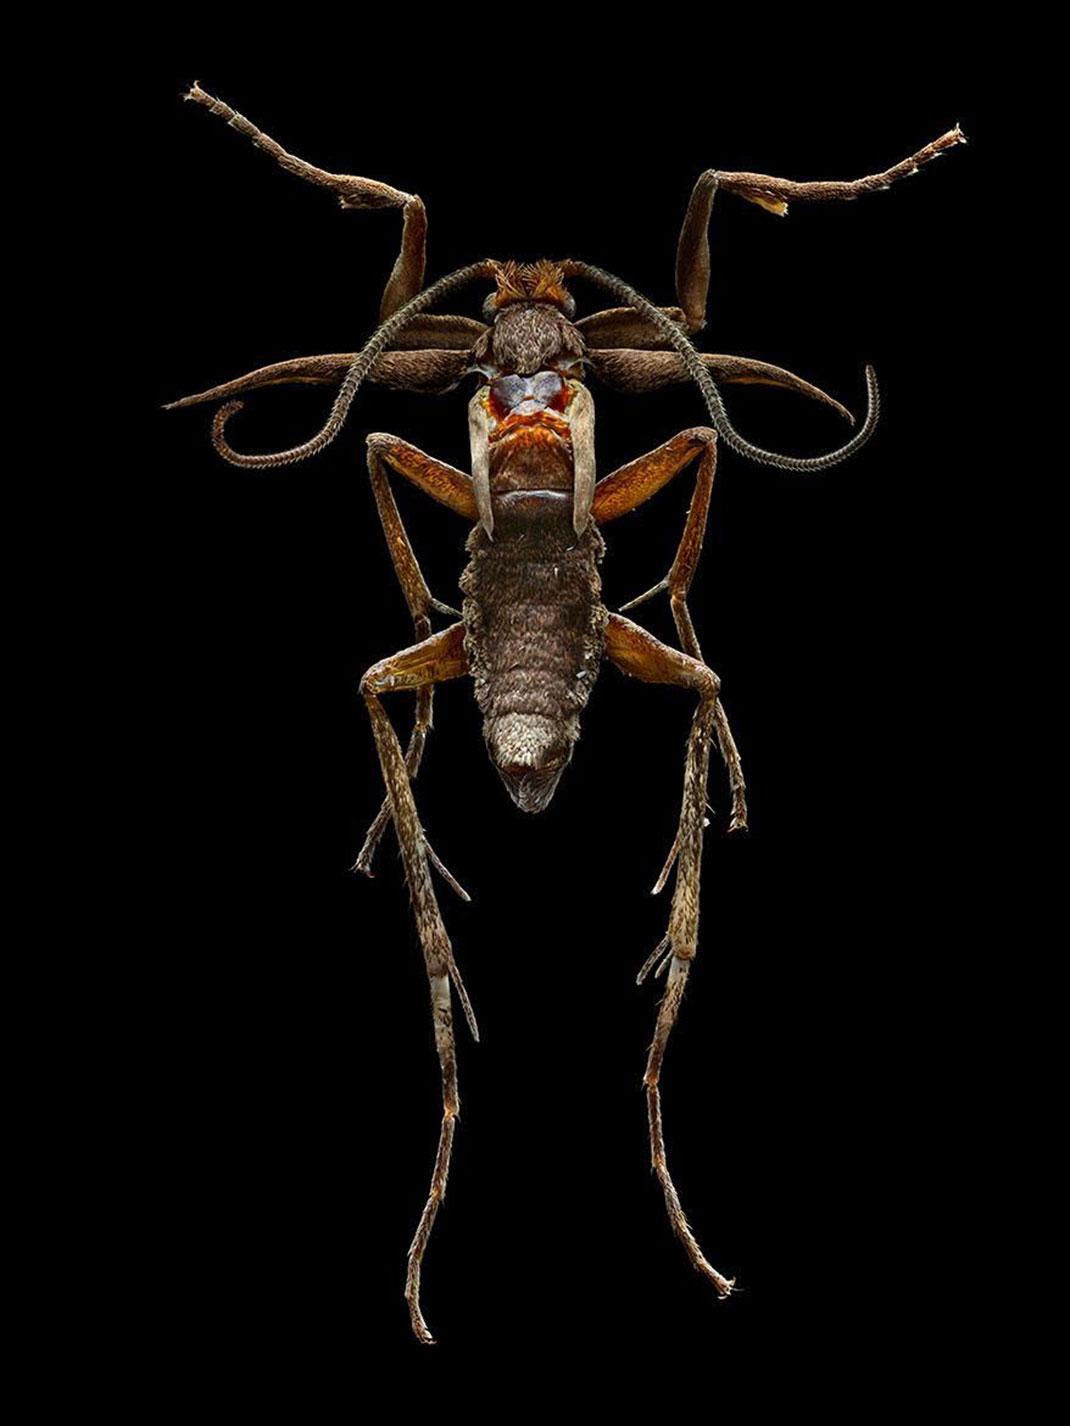 LevonBiss-Insectes-4